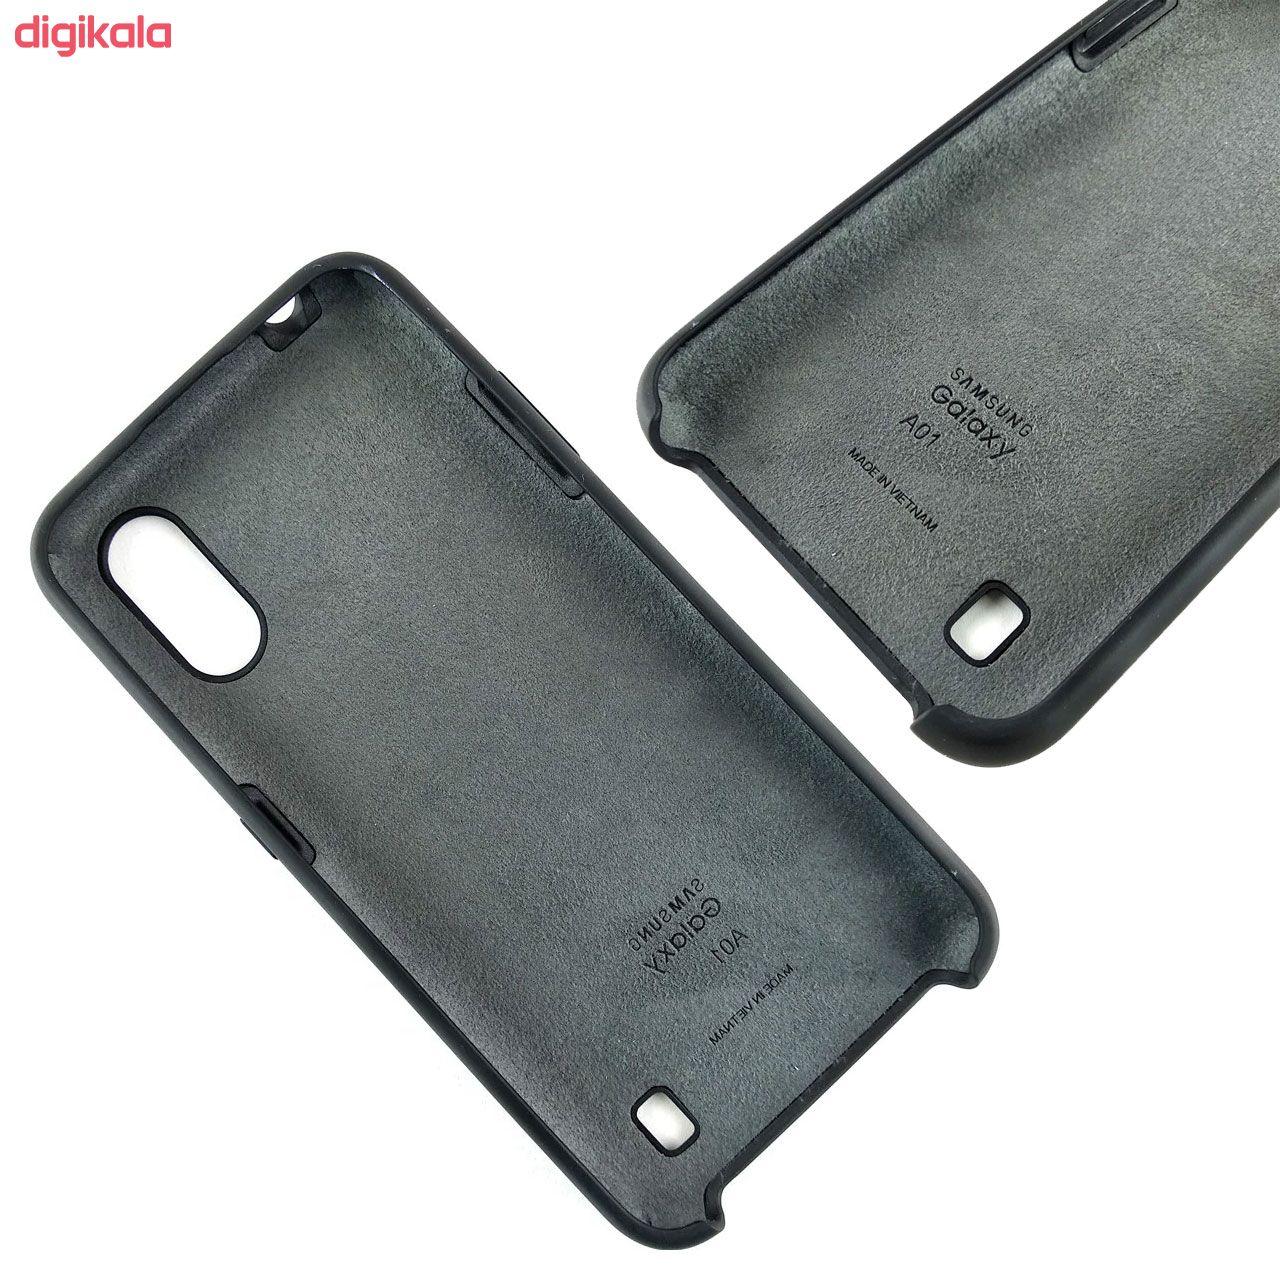 کاور مدل SLCN مناسب برای گوشی موبایل سامسونگ Galaxy A01 main 1 8